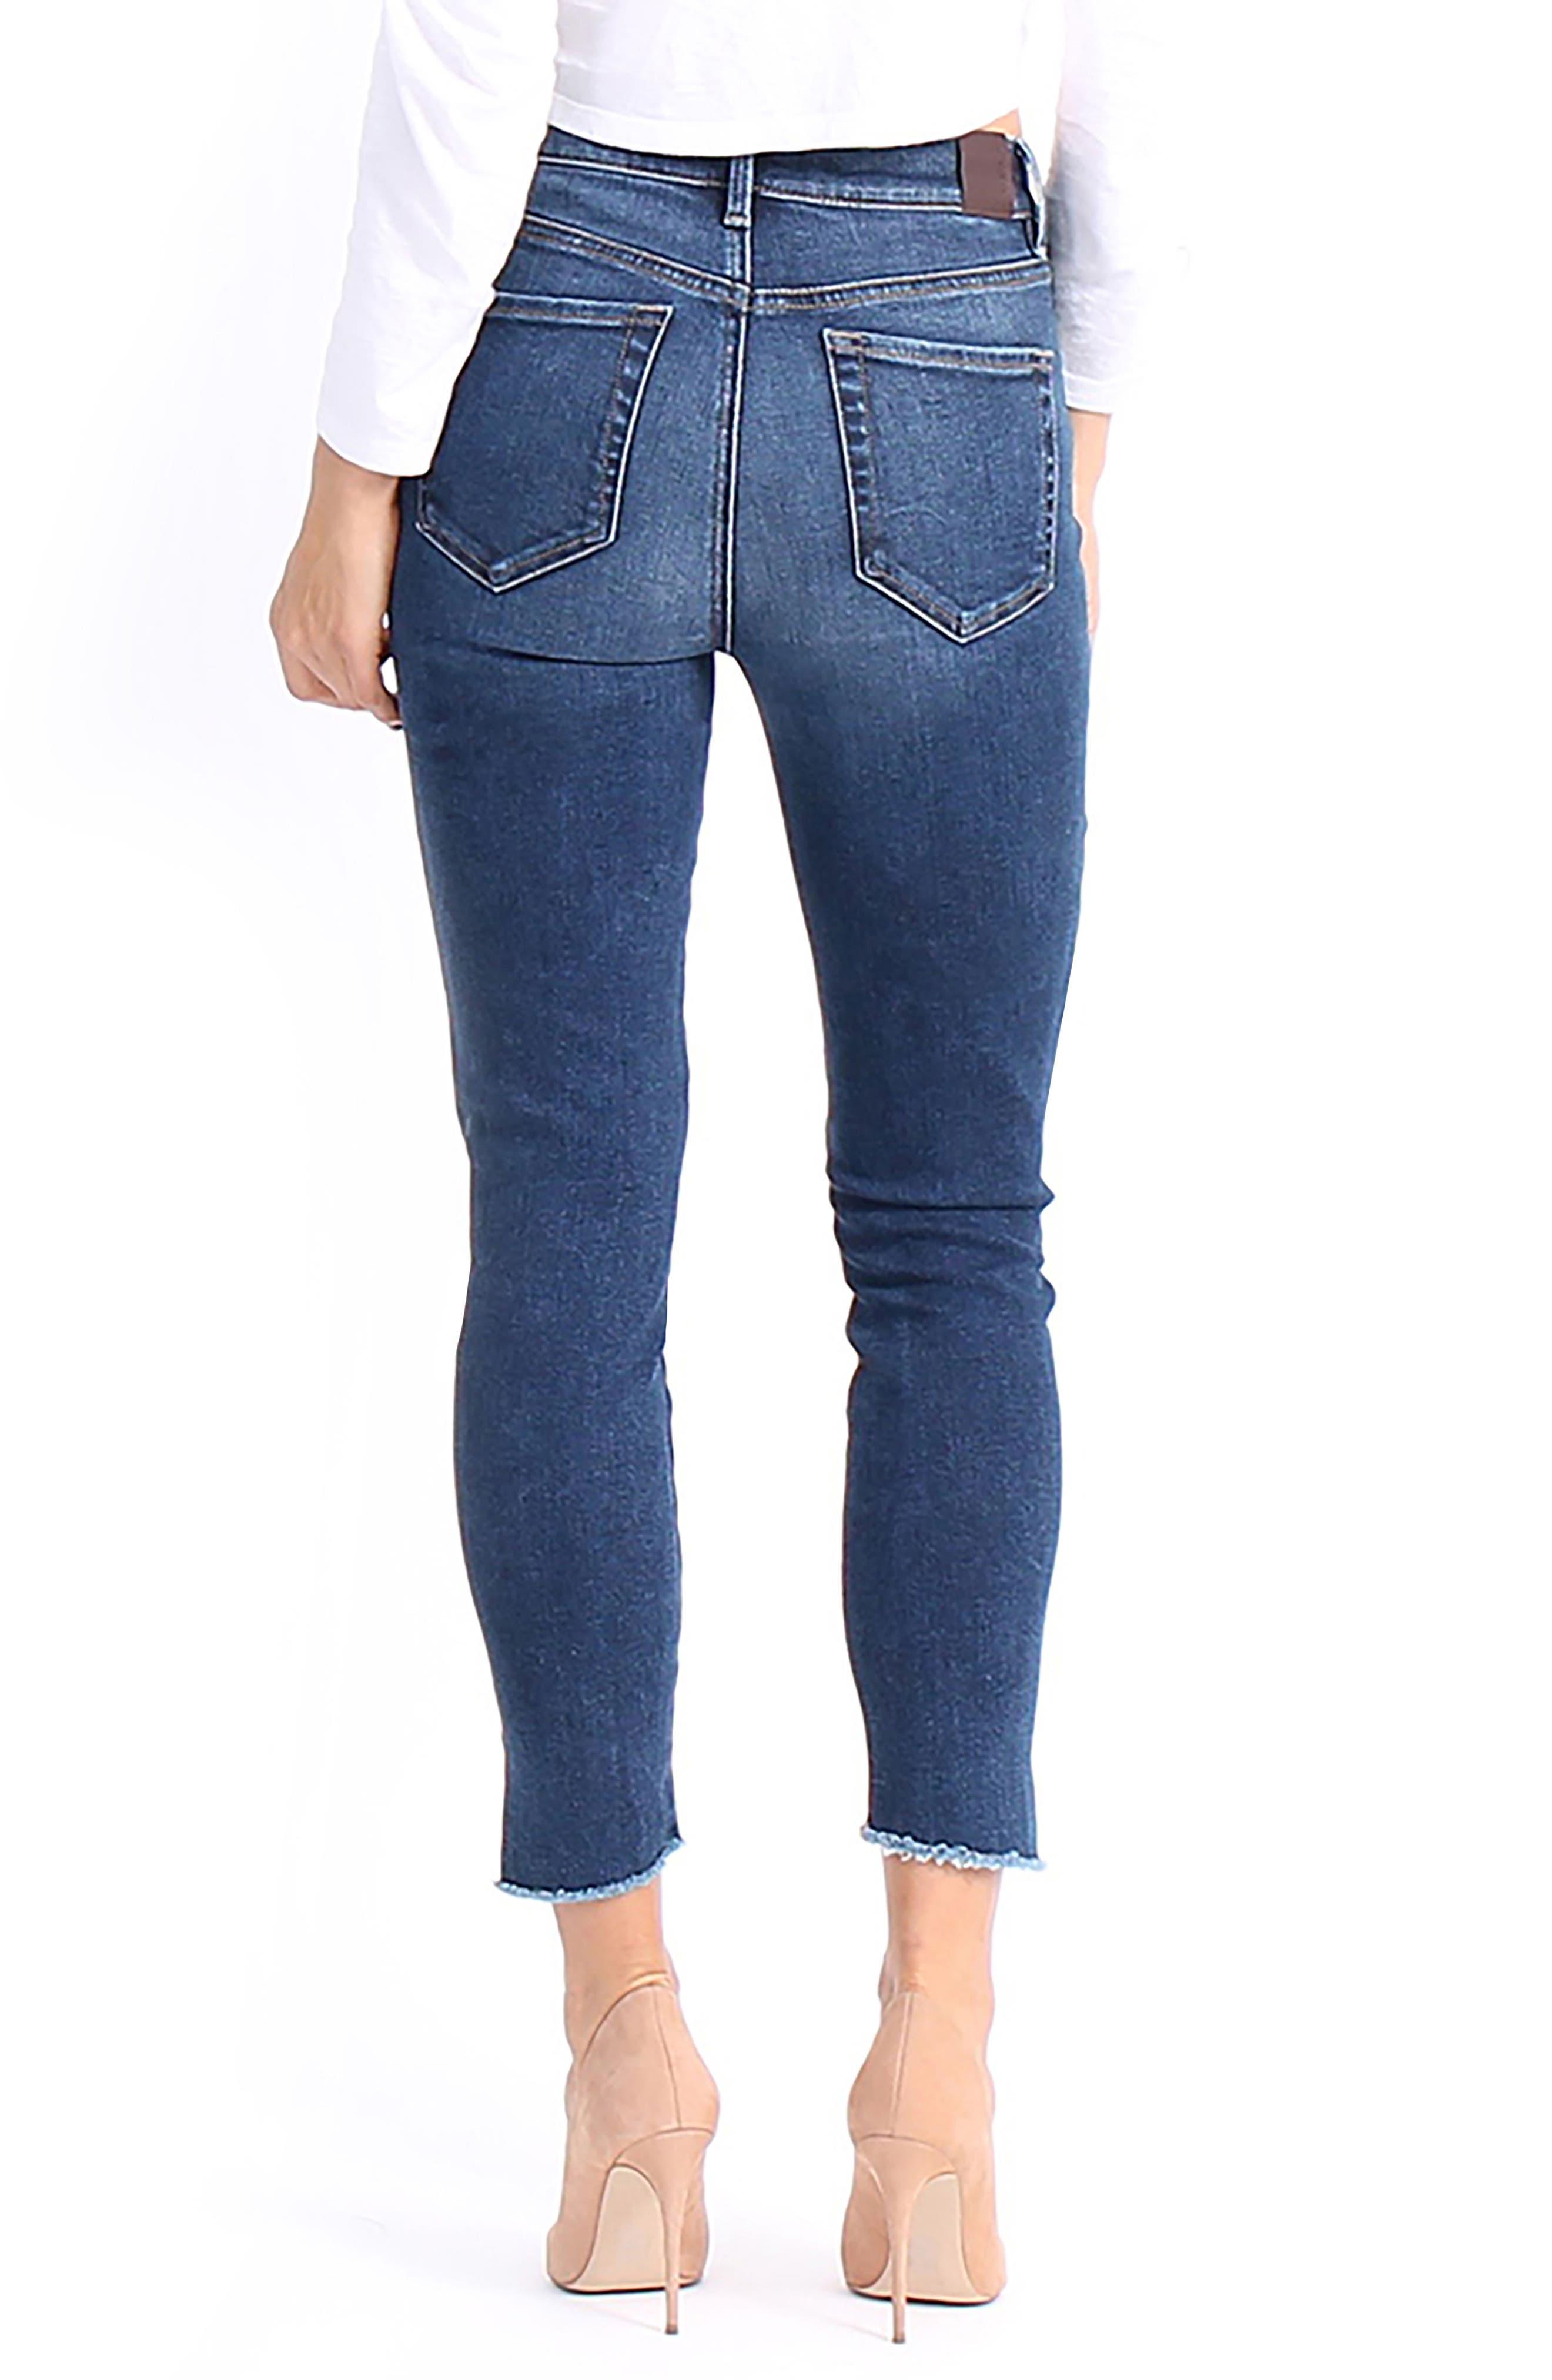 Ellie Uneven Zip Slant Hem Jeans,                             Alternate thumbnail 2, color,                             Savvy